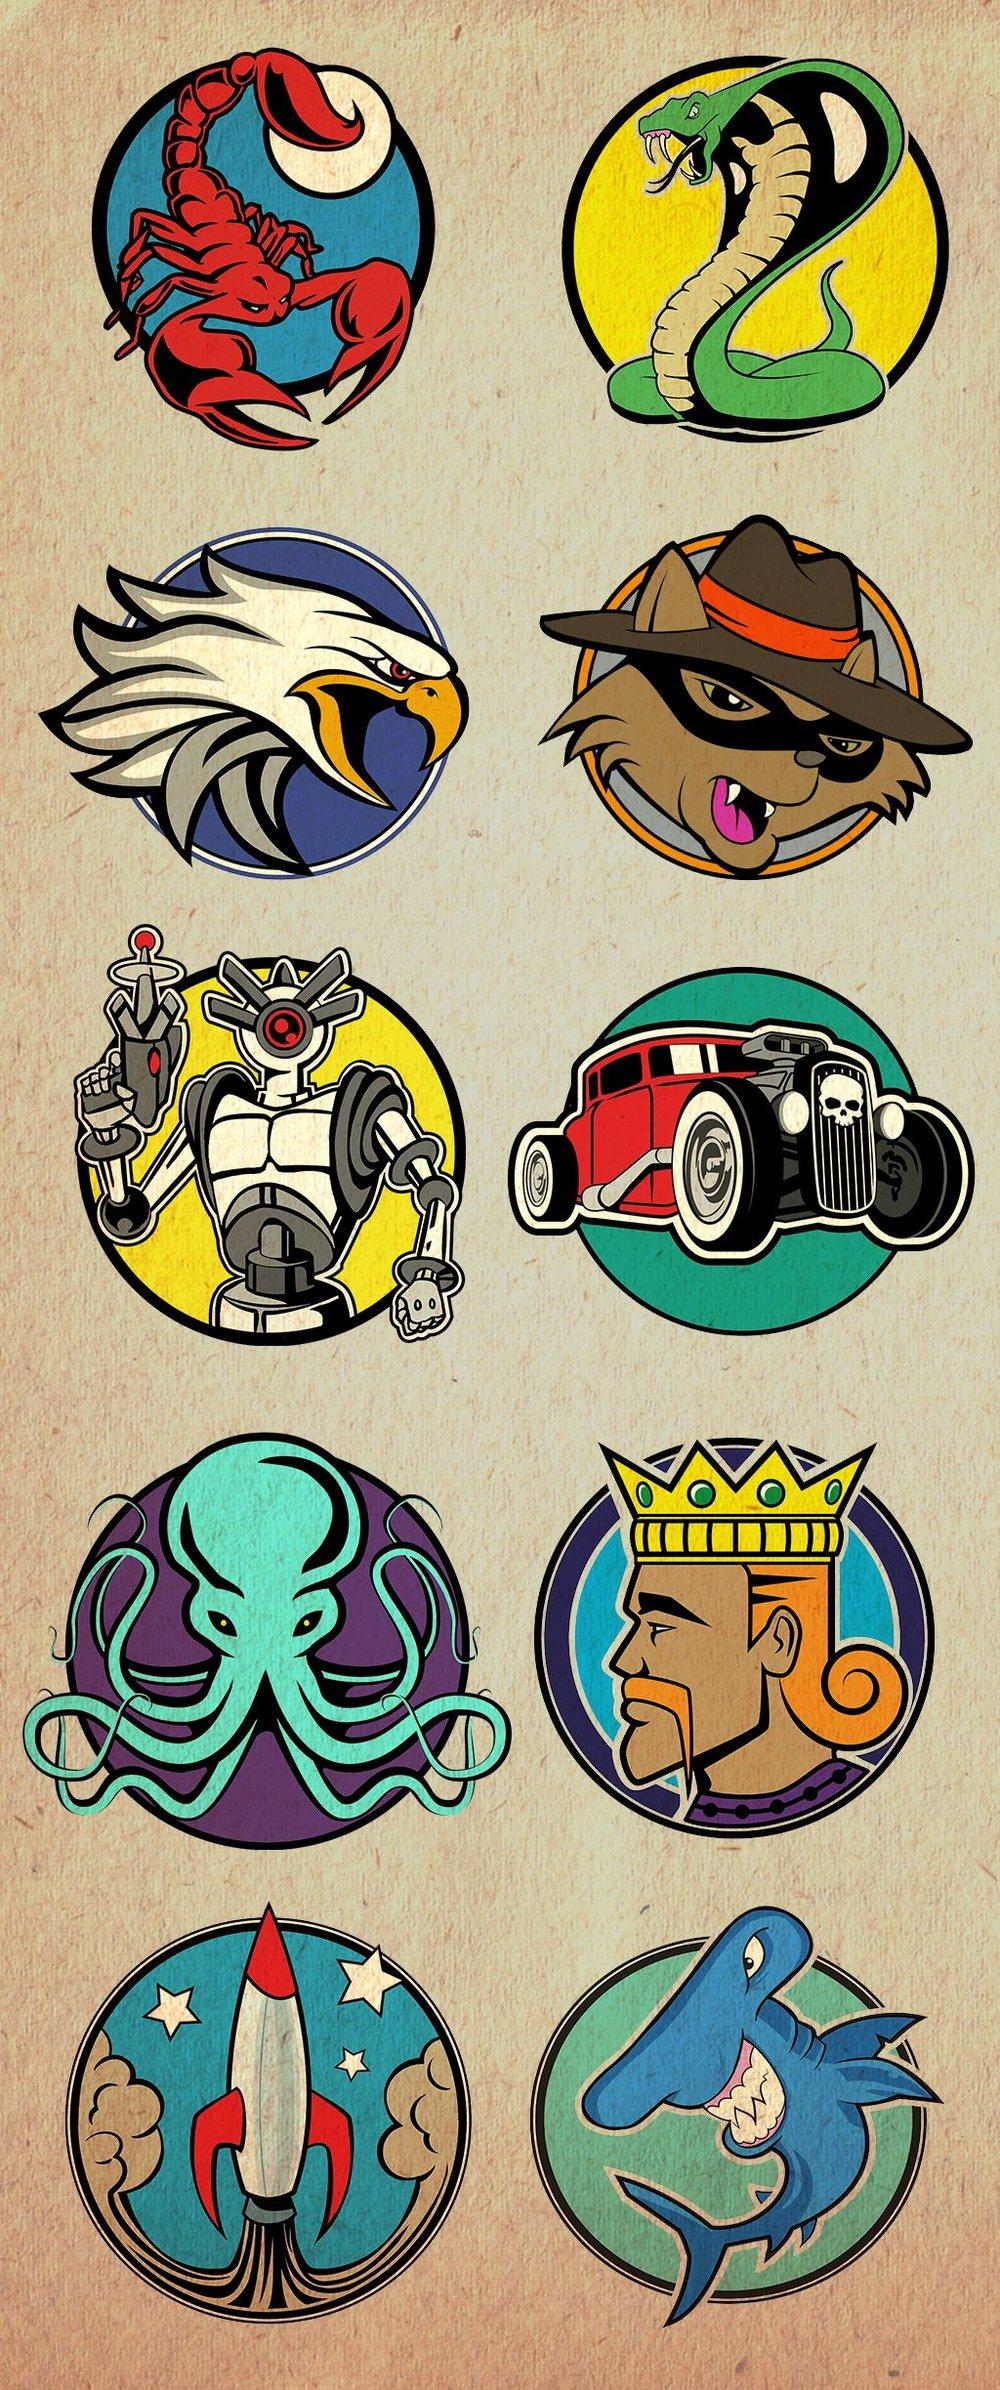 team_logos_fullsheet.jpg